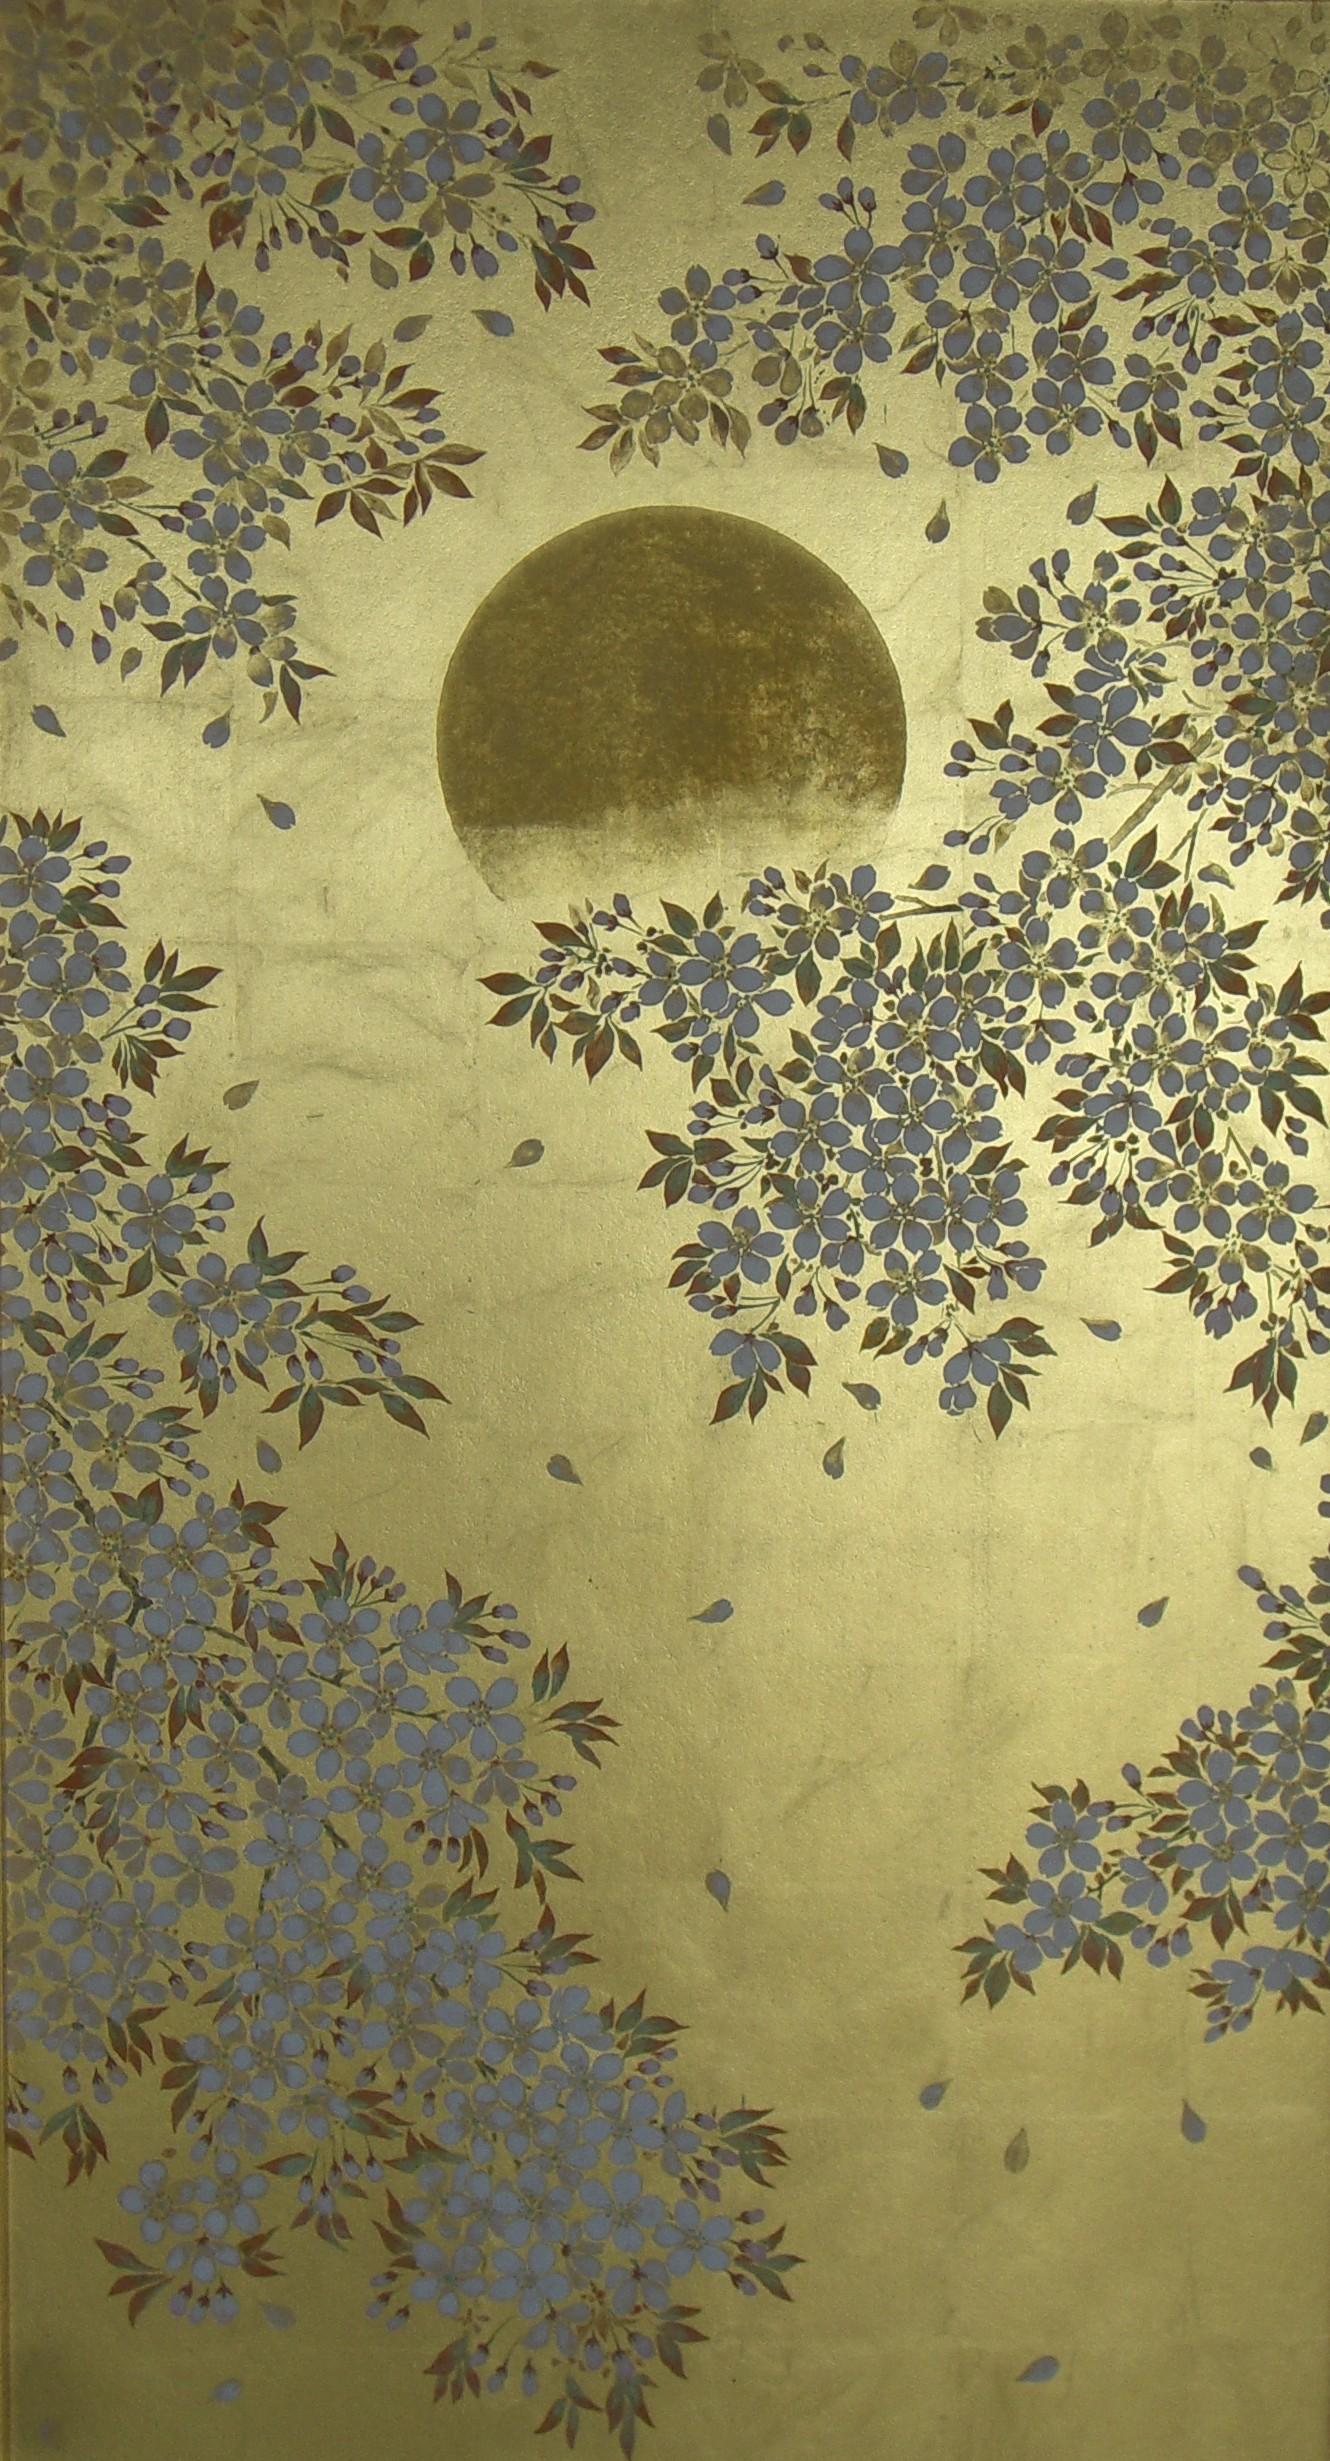 月の光に咲く「爛漫」部分①